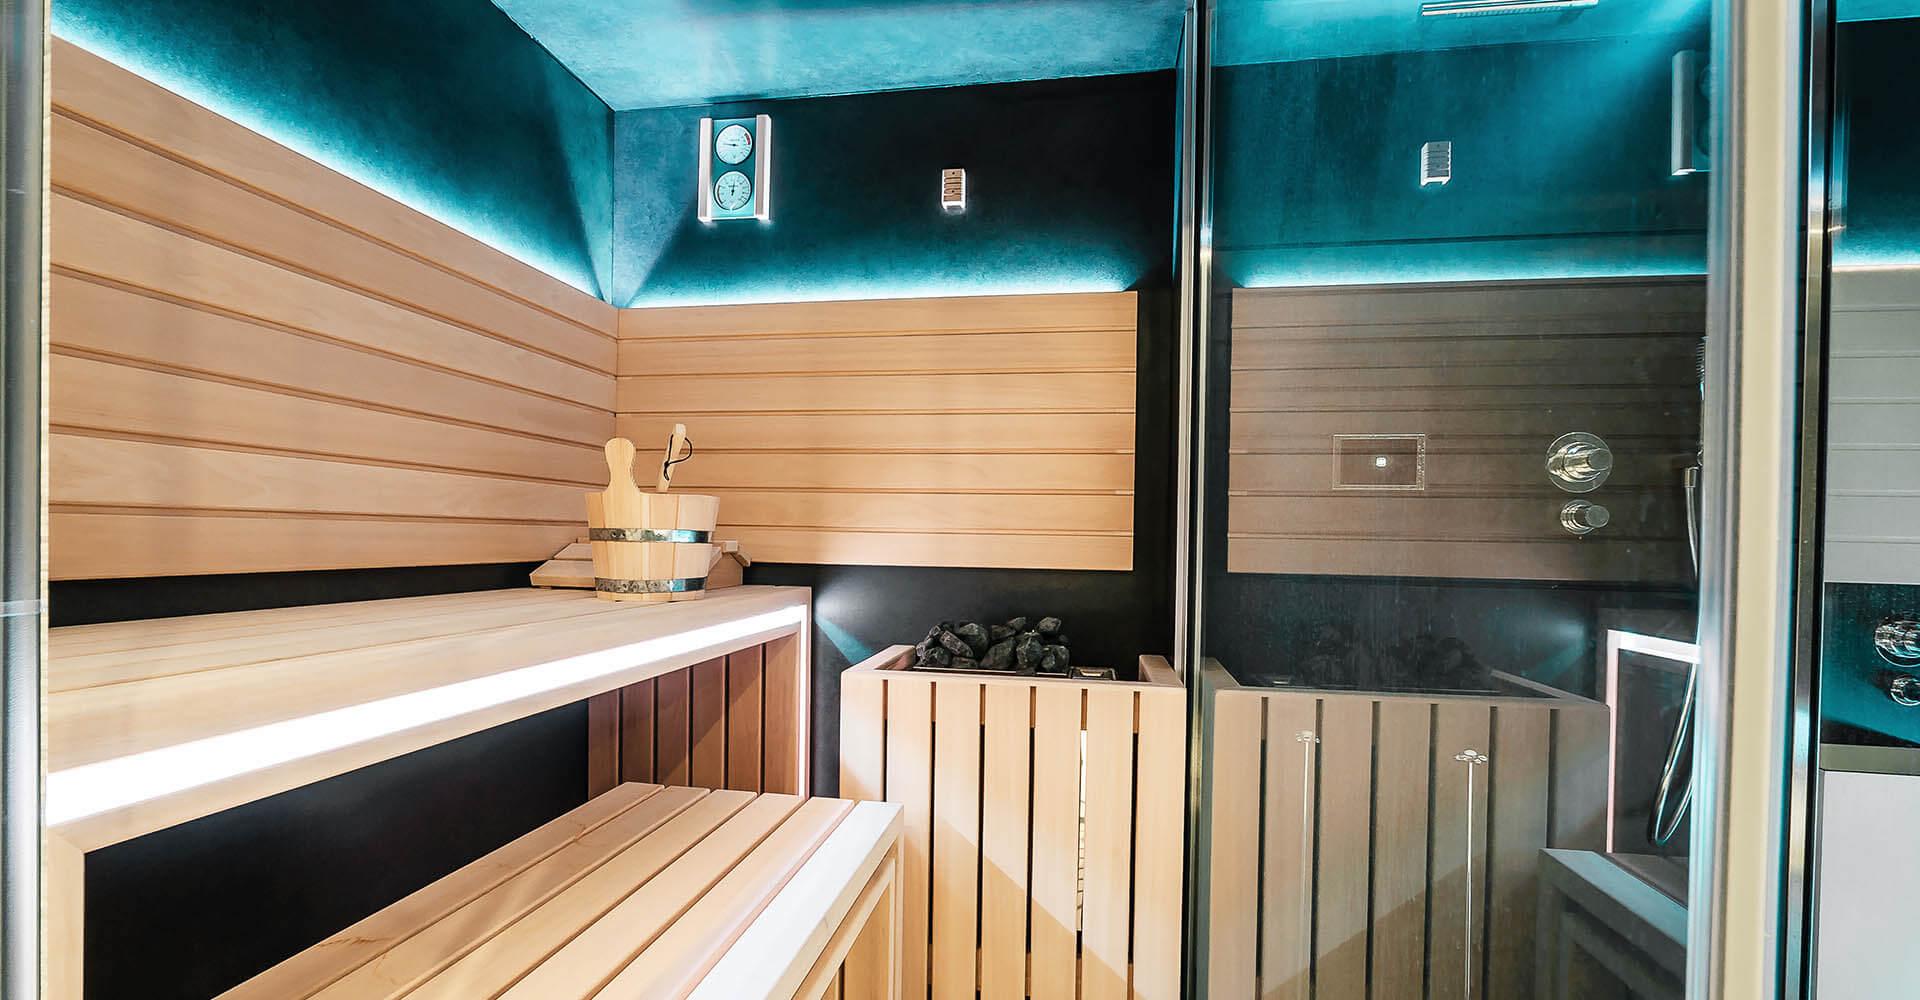 sauna f r zuhause die besten saunen f r 2019 im vergleich. Black Bedroom Furniture Sets. Home Design Ideas